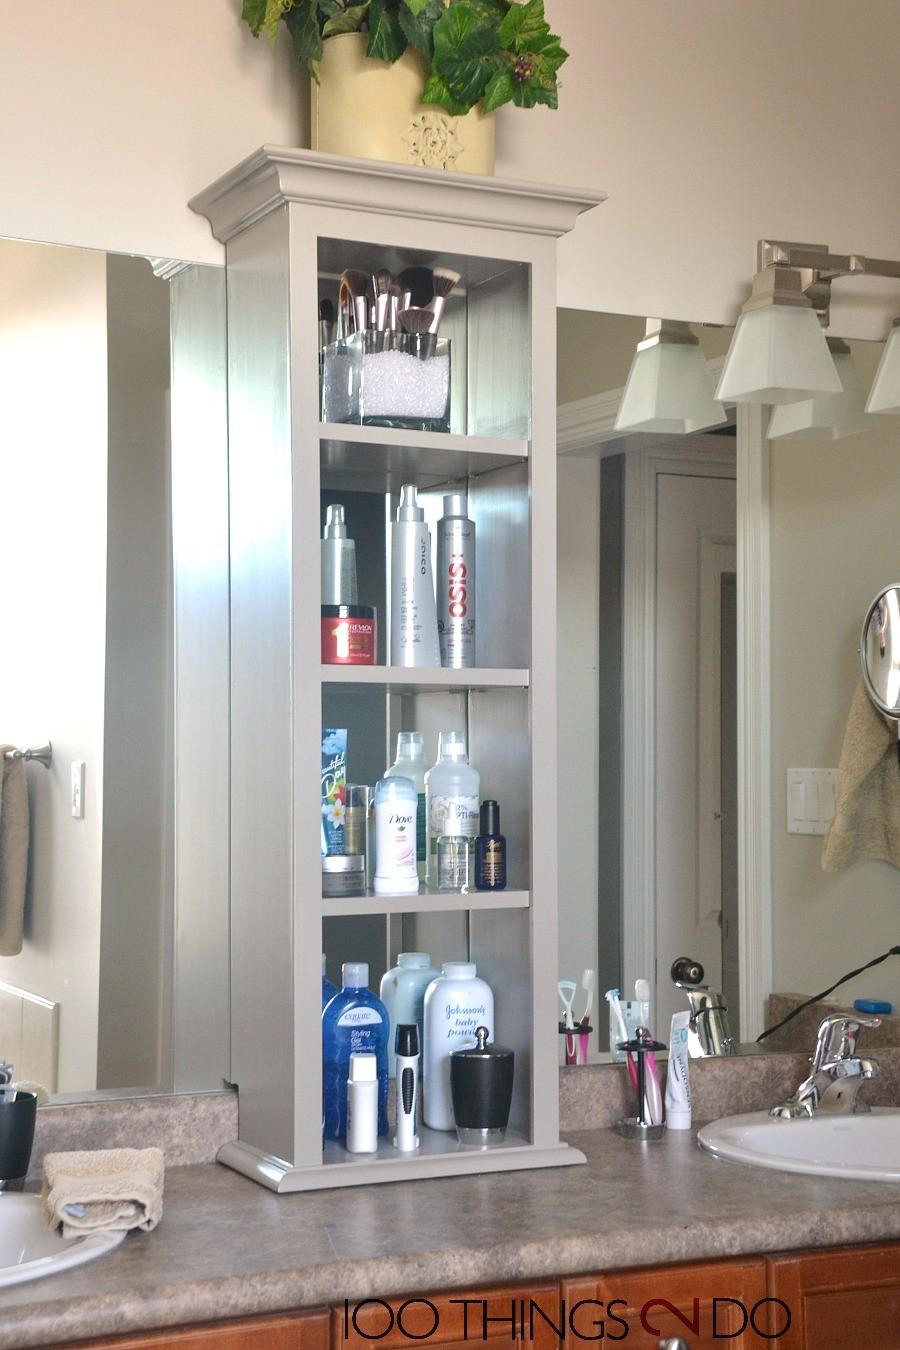 countertop bathroom tower cabinet  bathroom vanity storage, bathroom storage tower - countertop bathroom tower cabinet